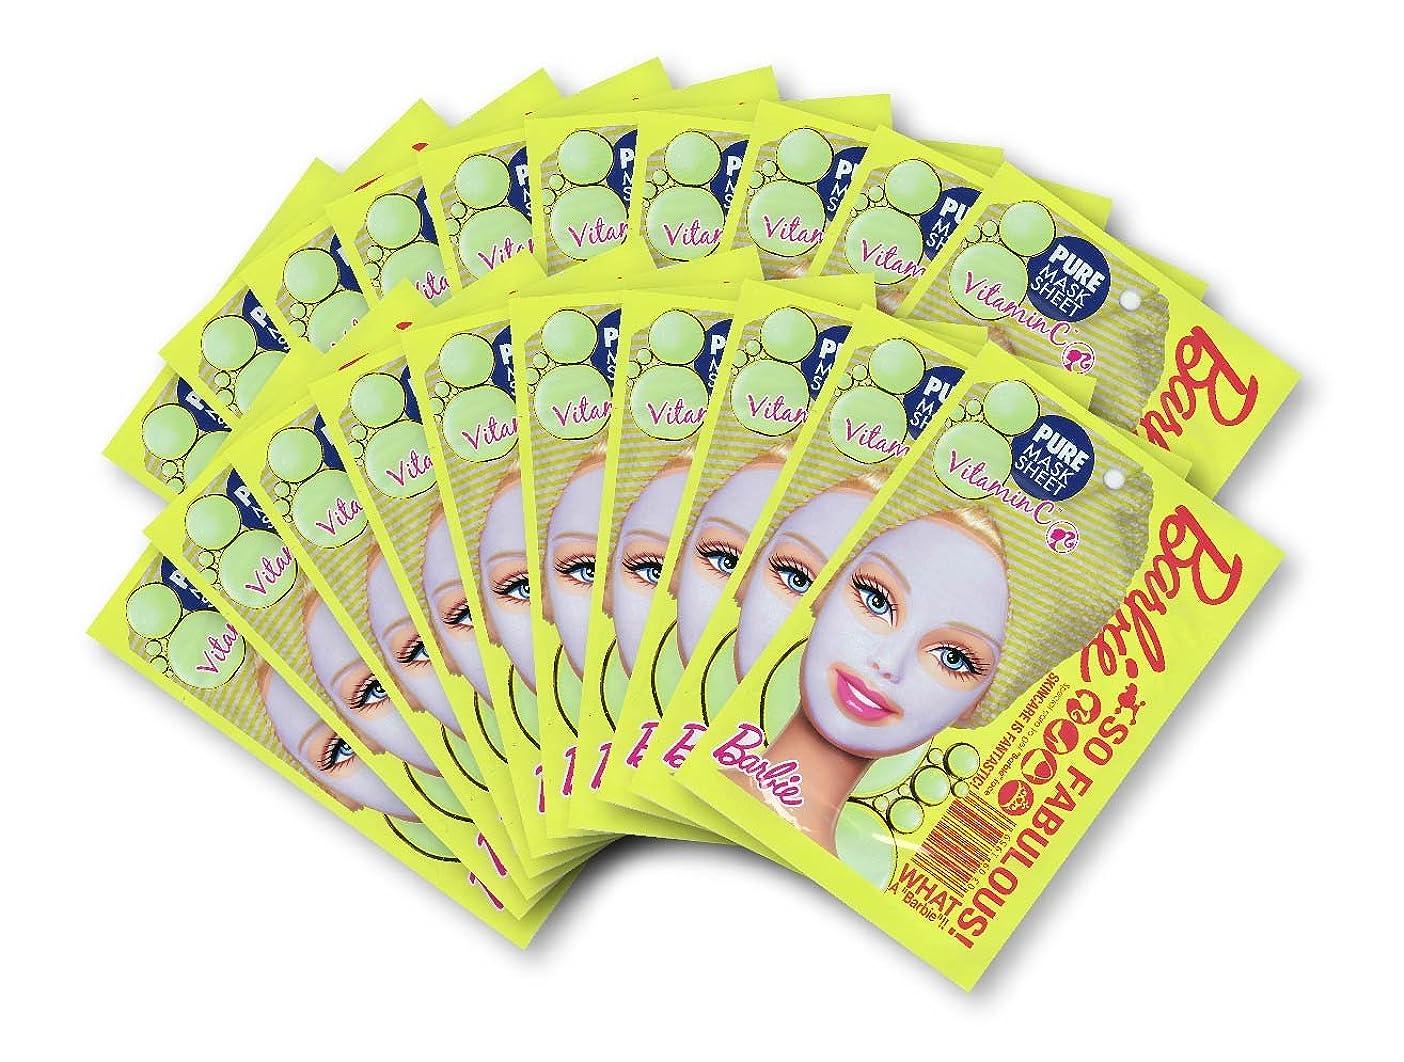 広告主準備したステージバービー (Barbie) フェイスマスク ピュアマスクシートN (ビタミンC) 25ml×20枚入り [透明感] 顔 シートマスク フェイスパック